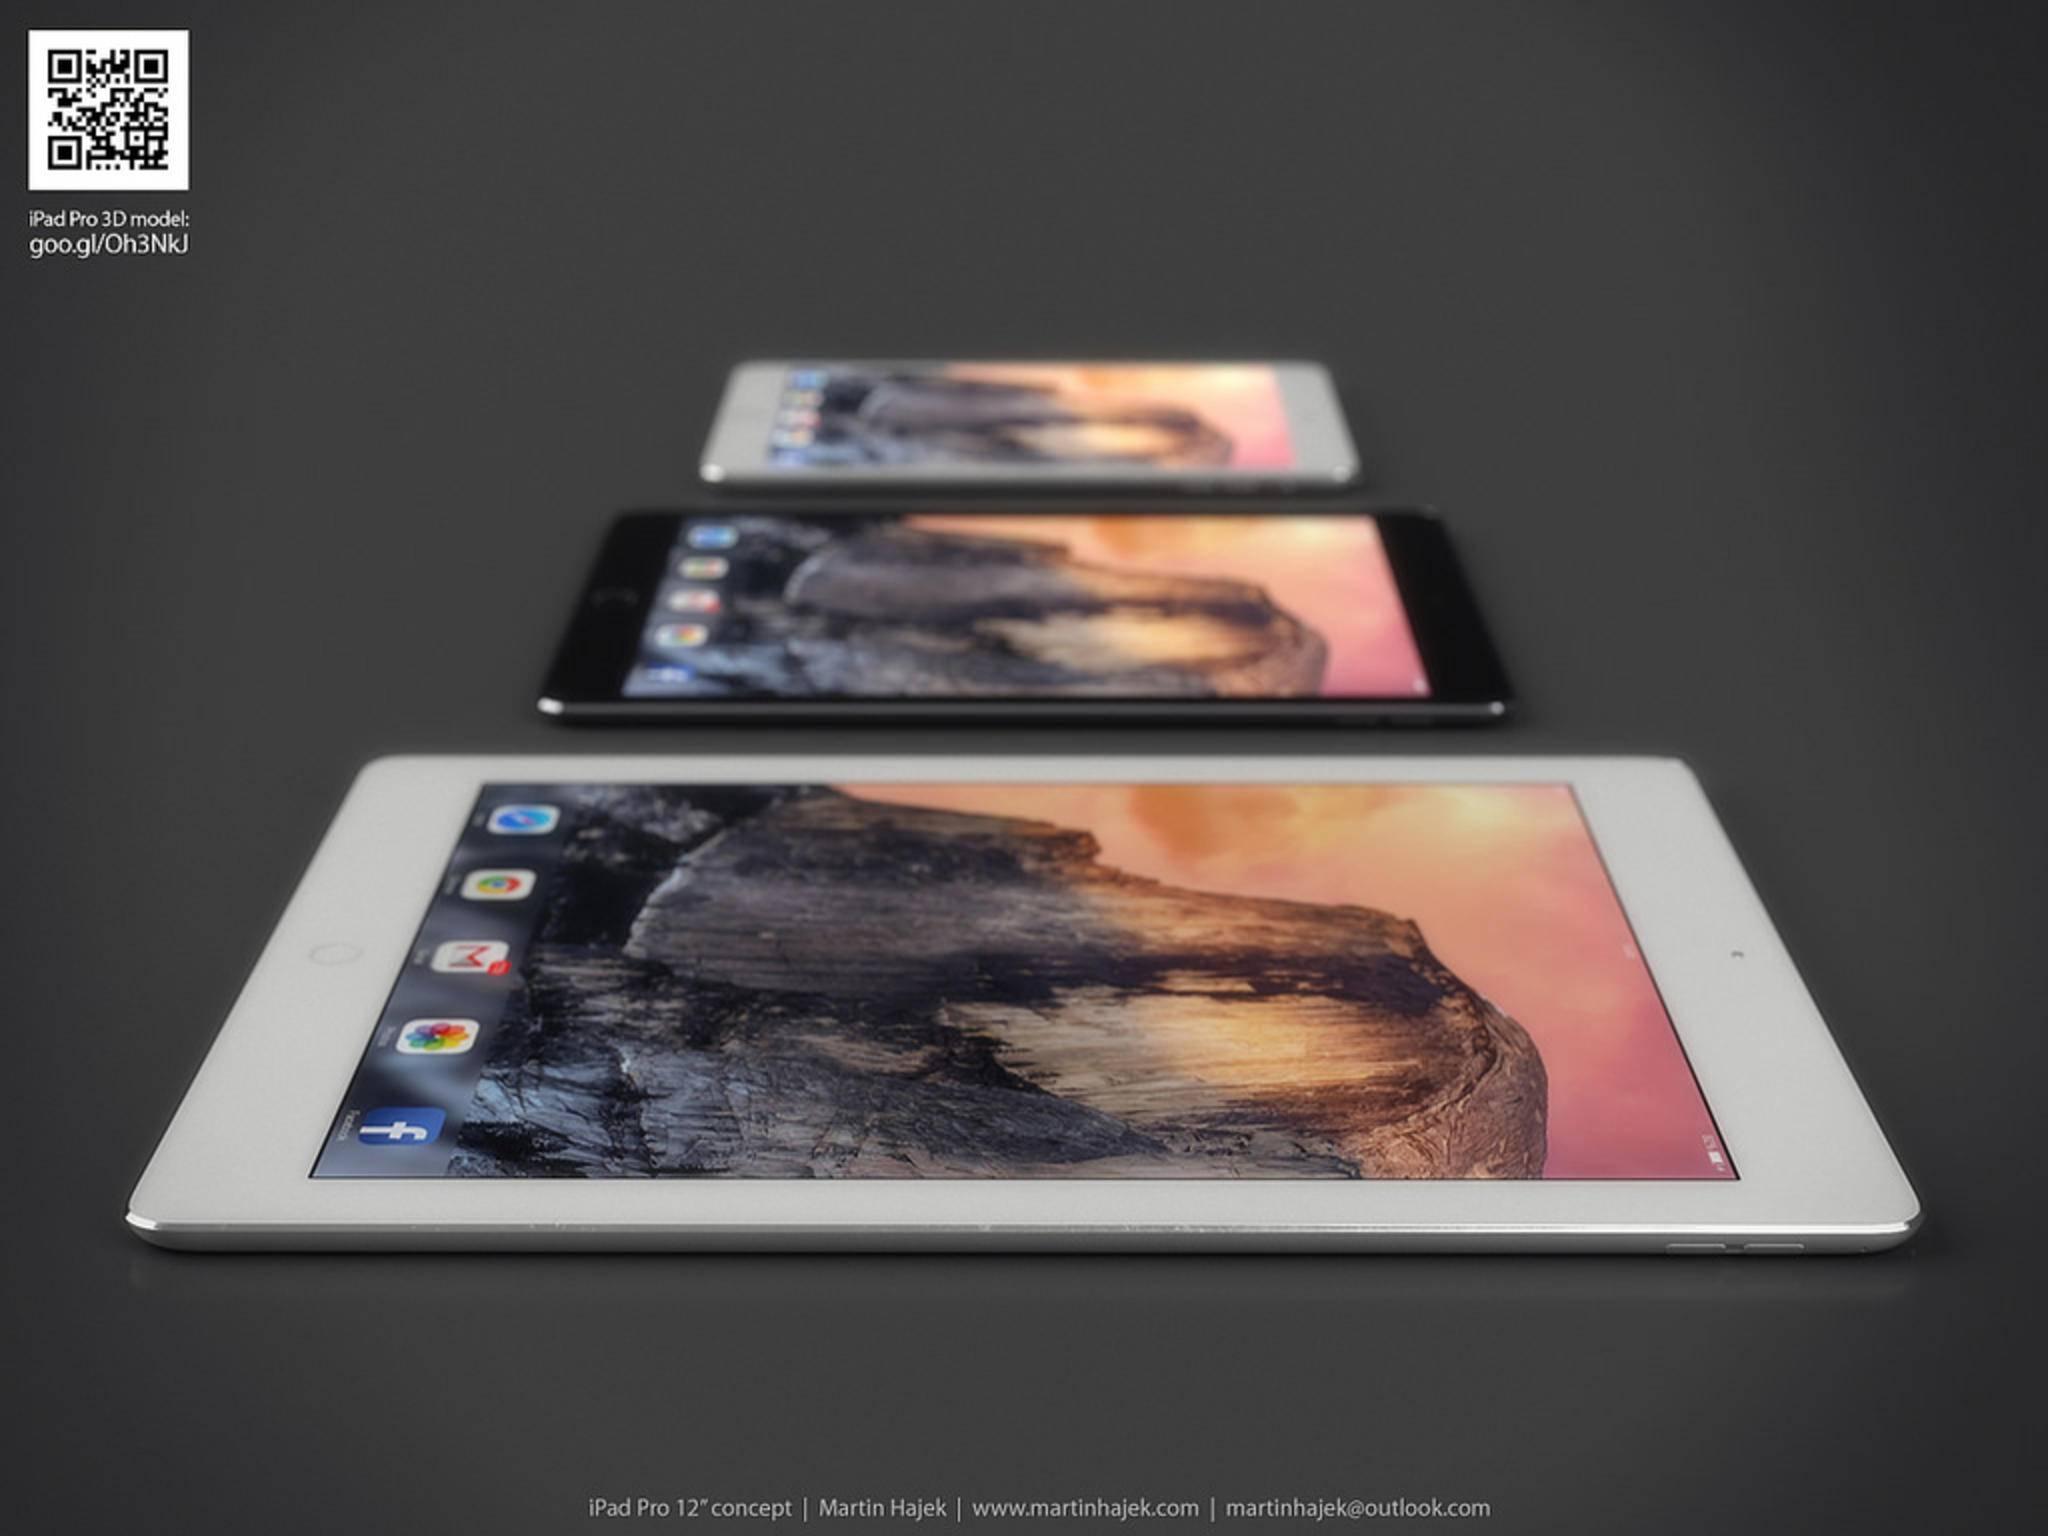 Konzept-Vergleich von iPad mini 3, iPad Air 2 und iPad Pro.